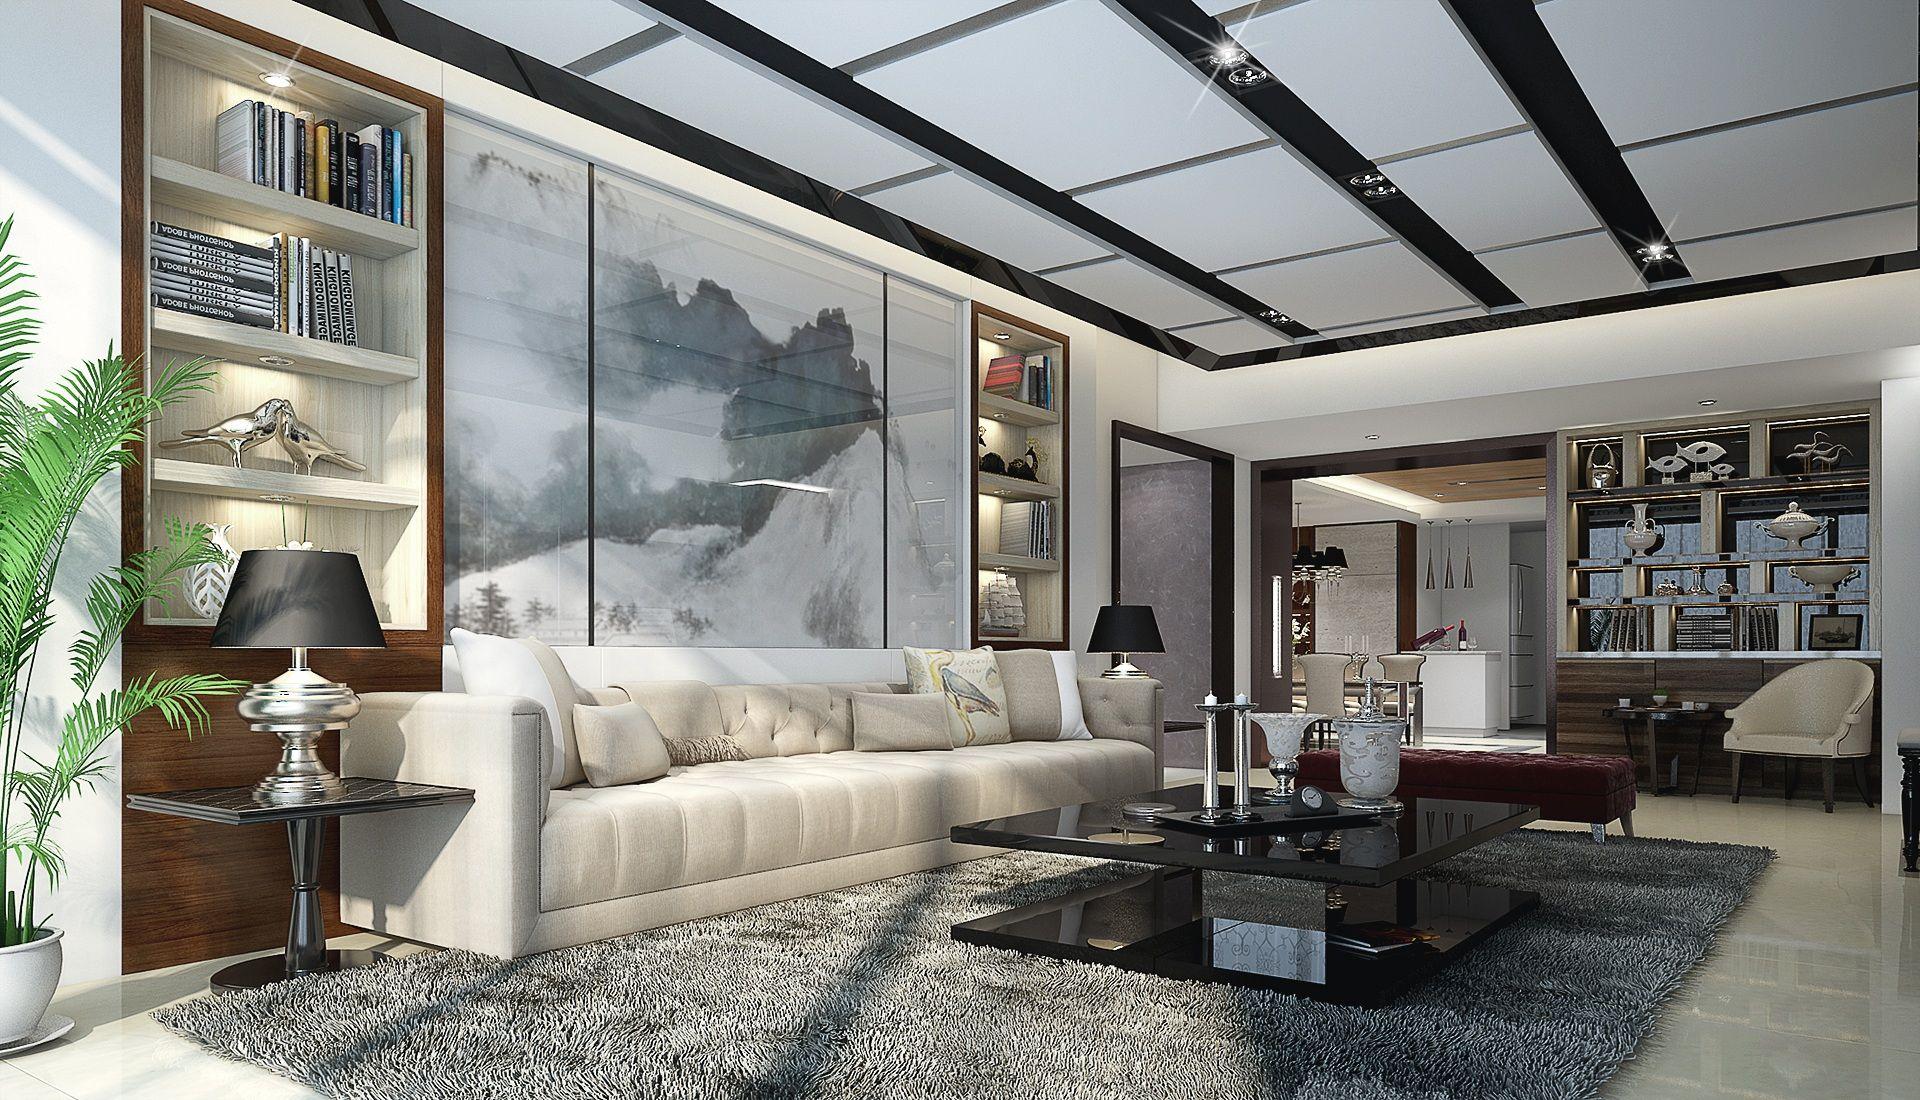 s b grundst cksgesellschaft mbh halle saale immobilien wohnungen mietwohnungen h user. Black Bedroom Furniture Sets. Home Design Ideas